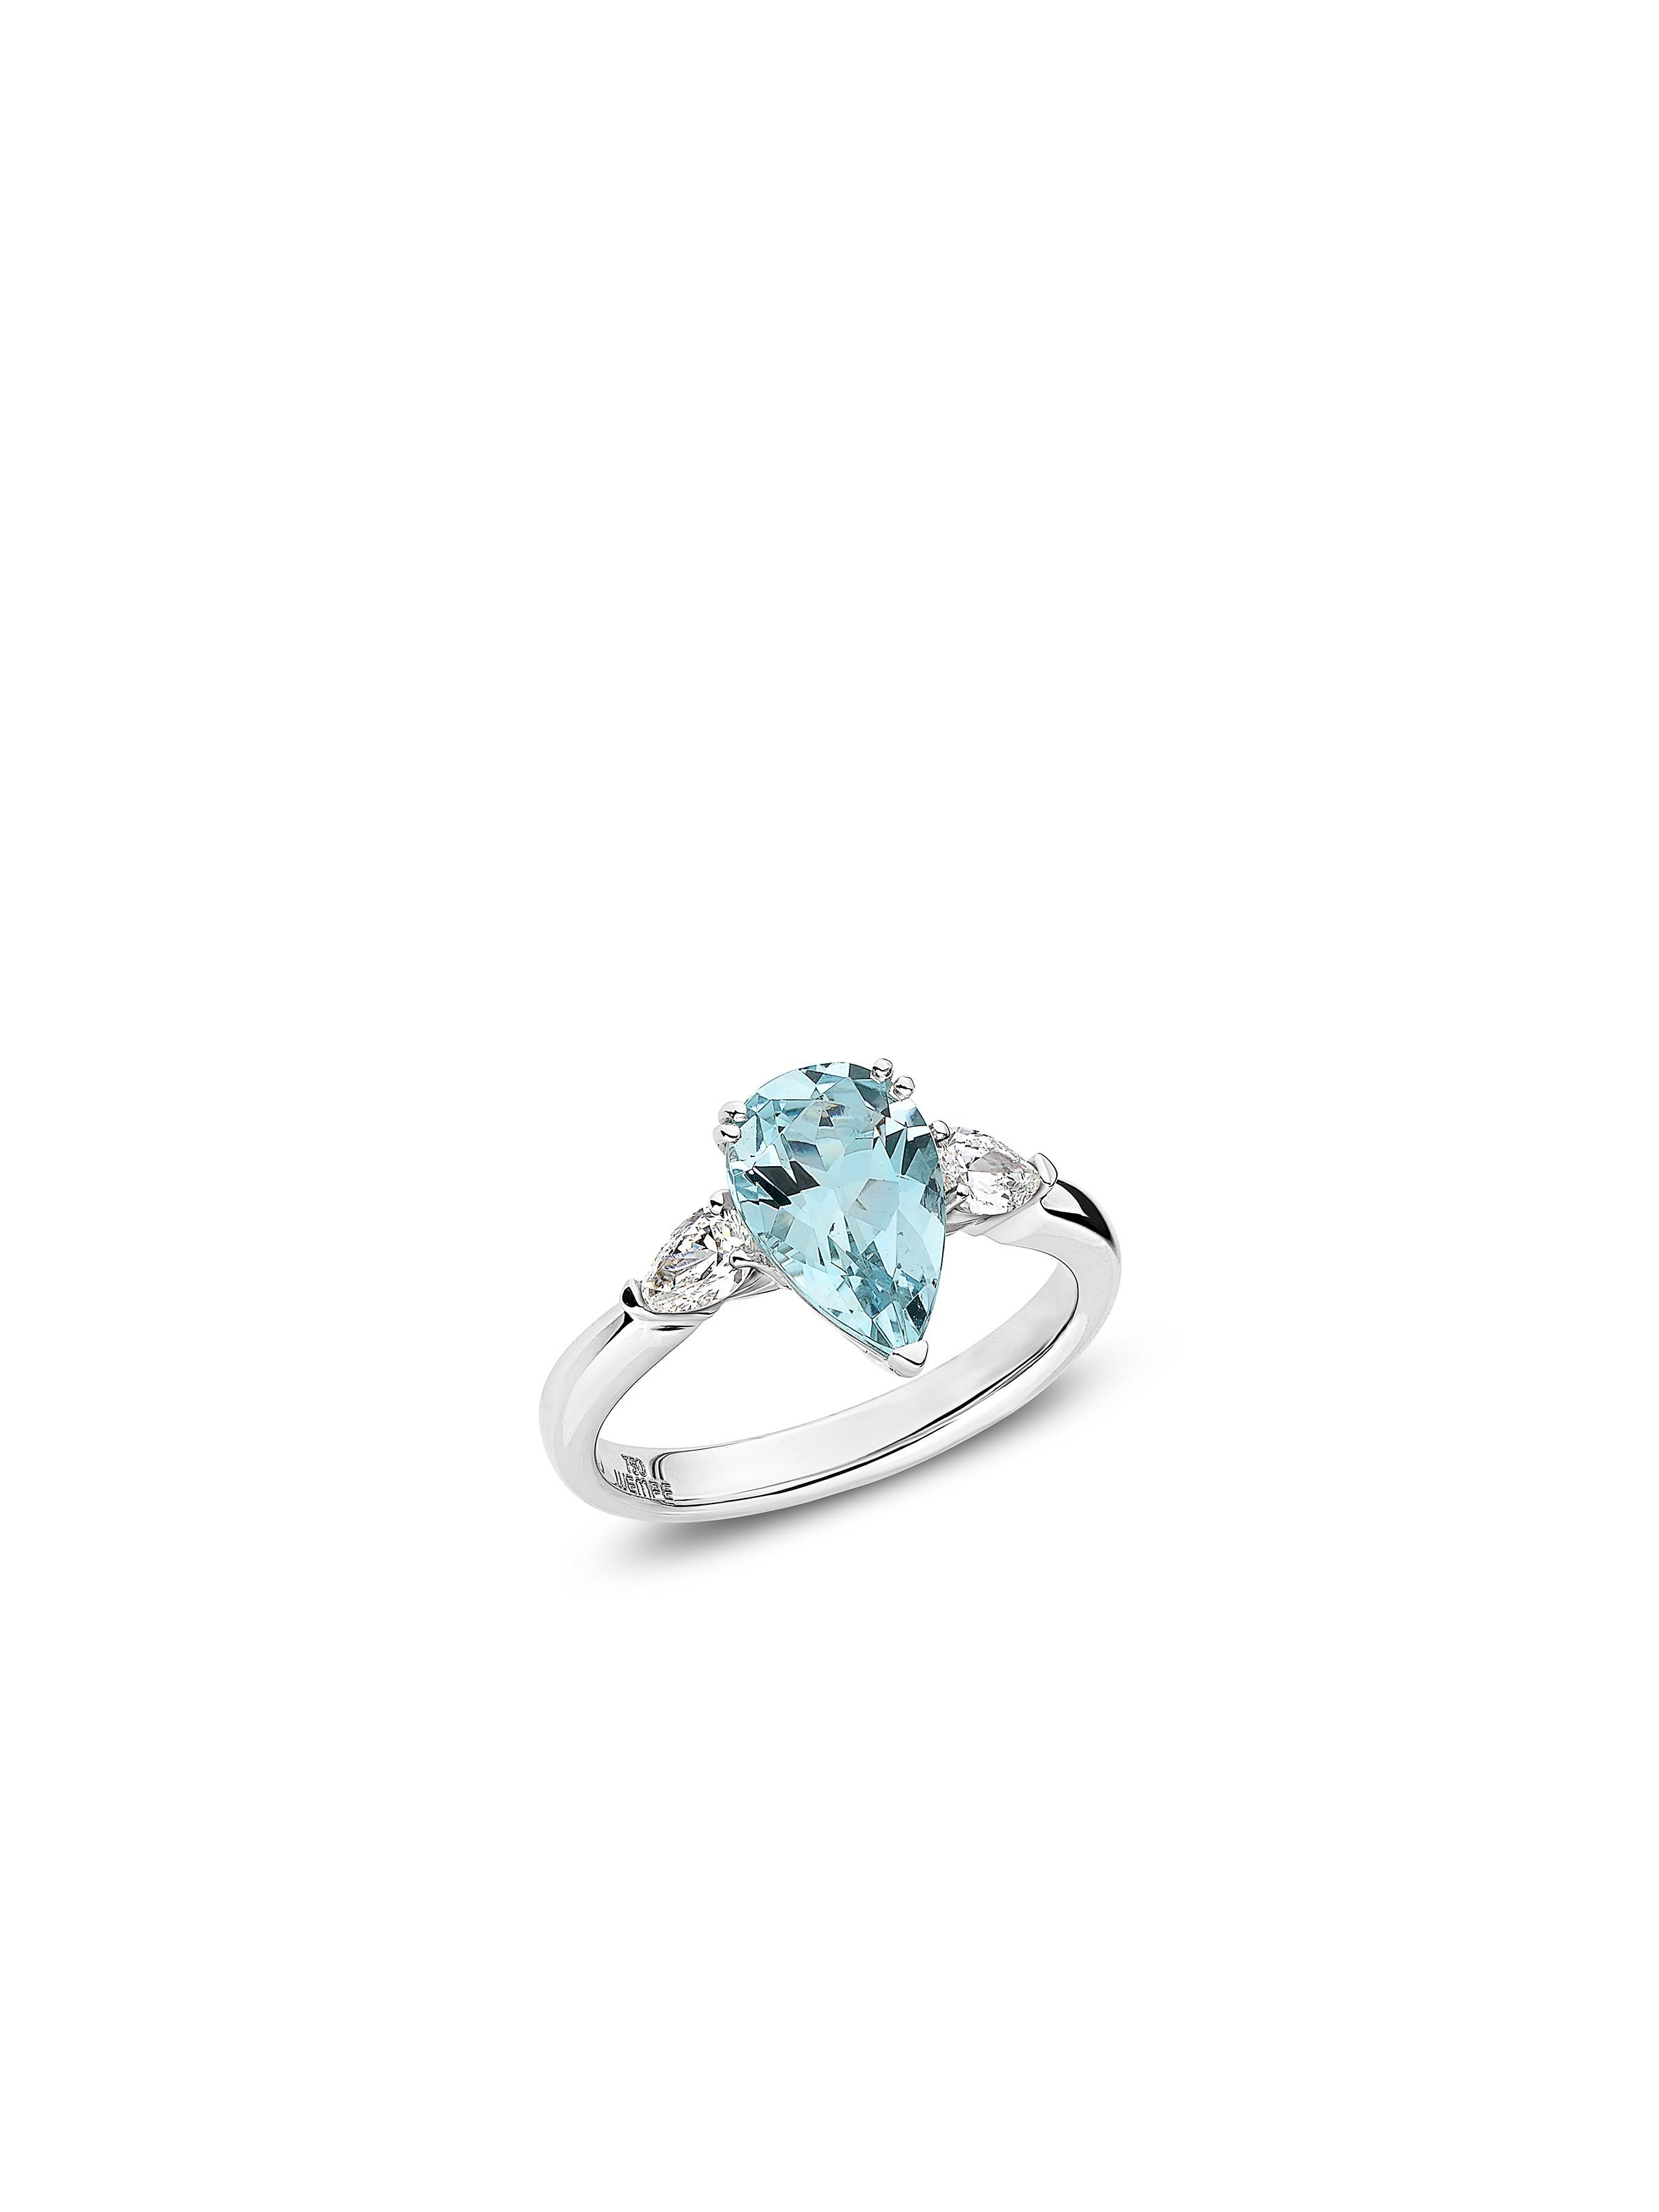 Ring One Aquamarine